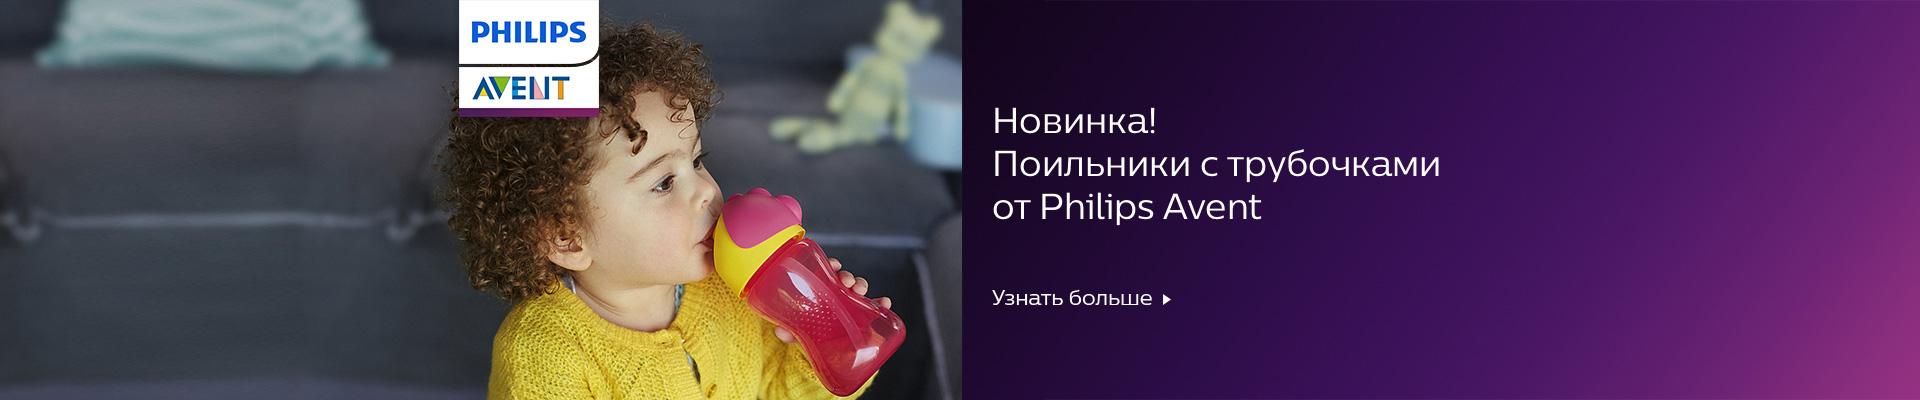 Поильники с трубочками от Philips Avent